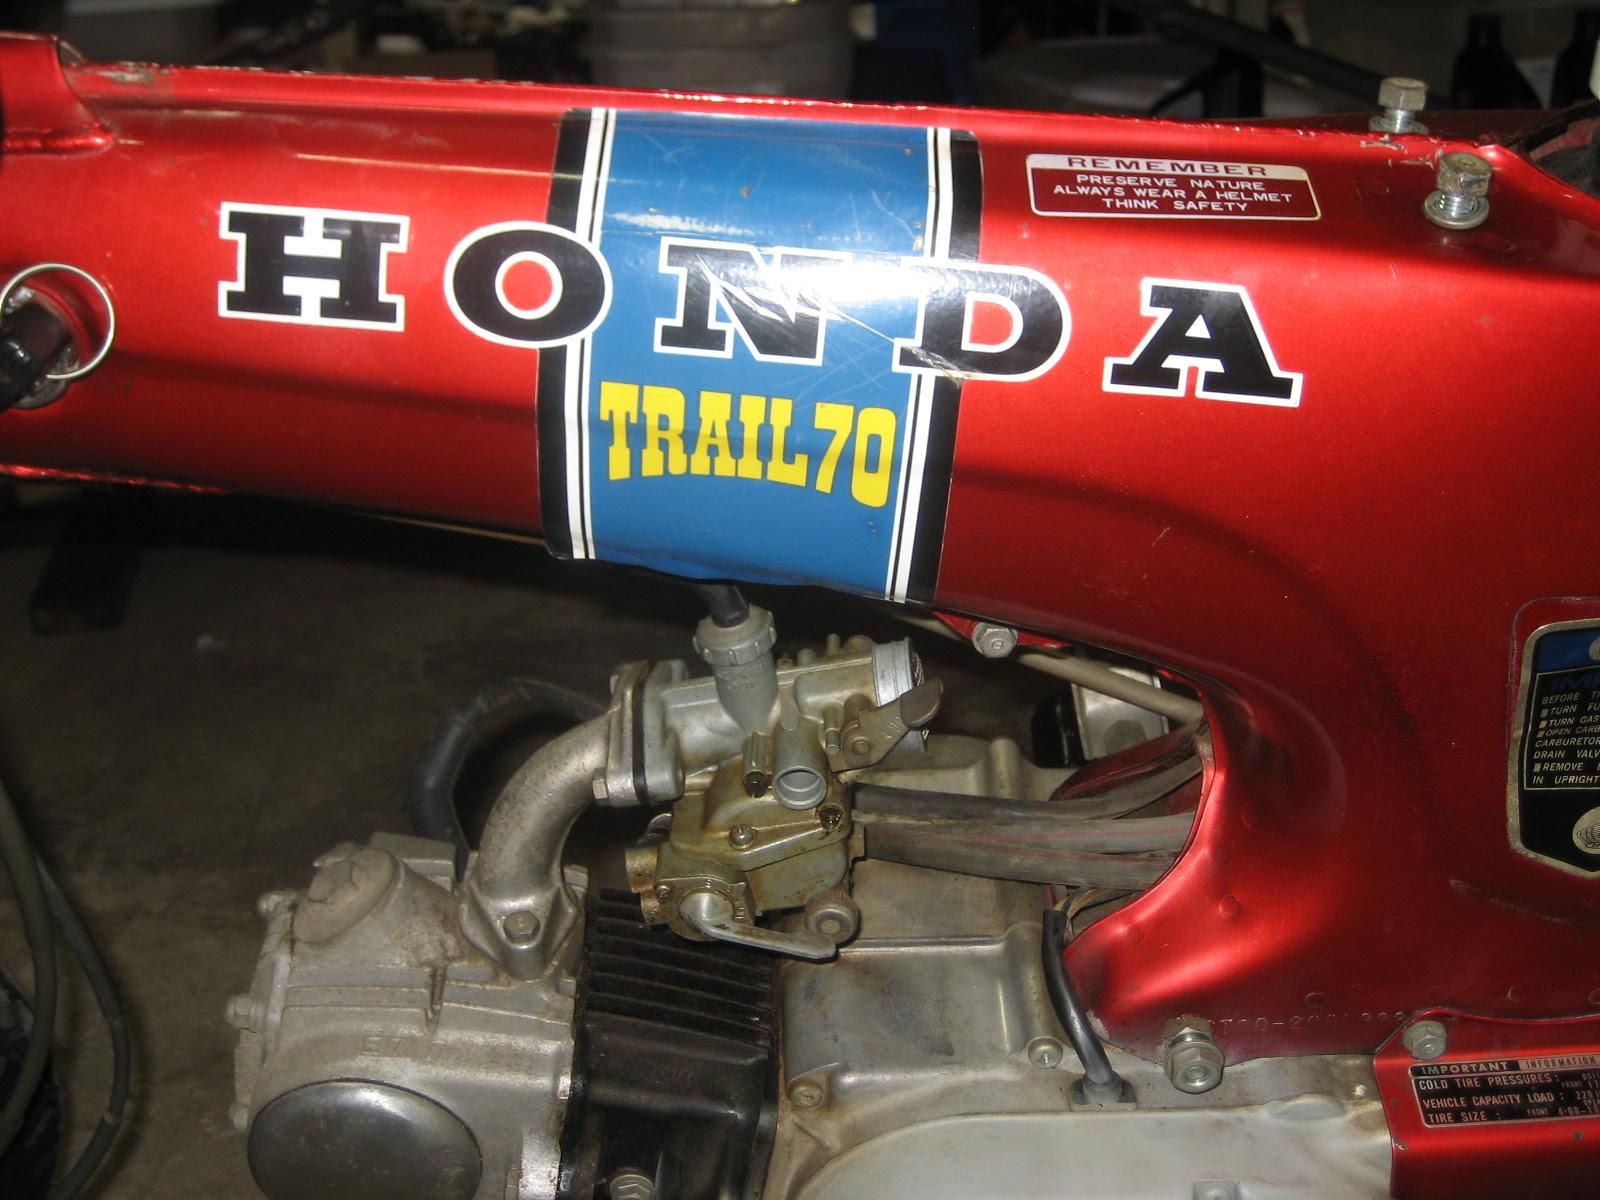 1971 Honda Ct 70 Wiring Diagram Images Wiring Data